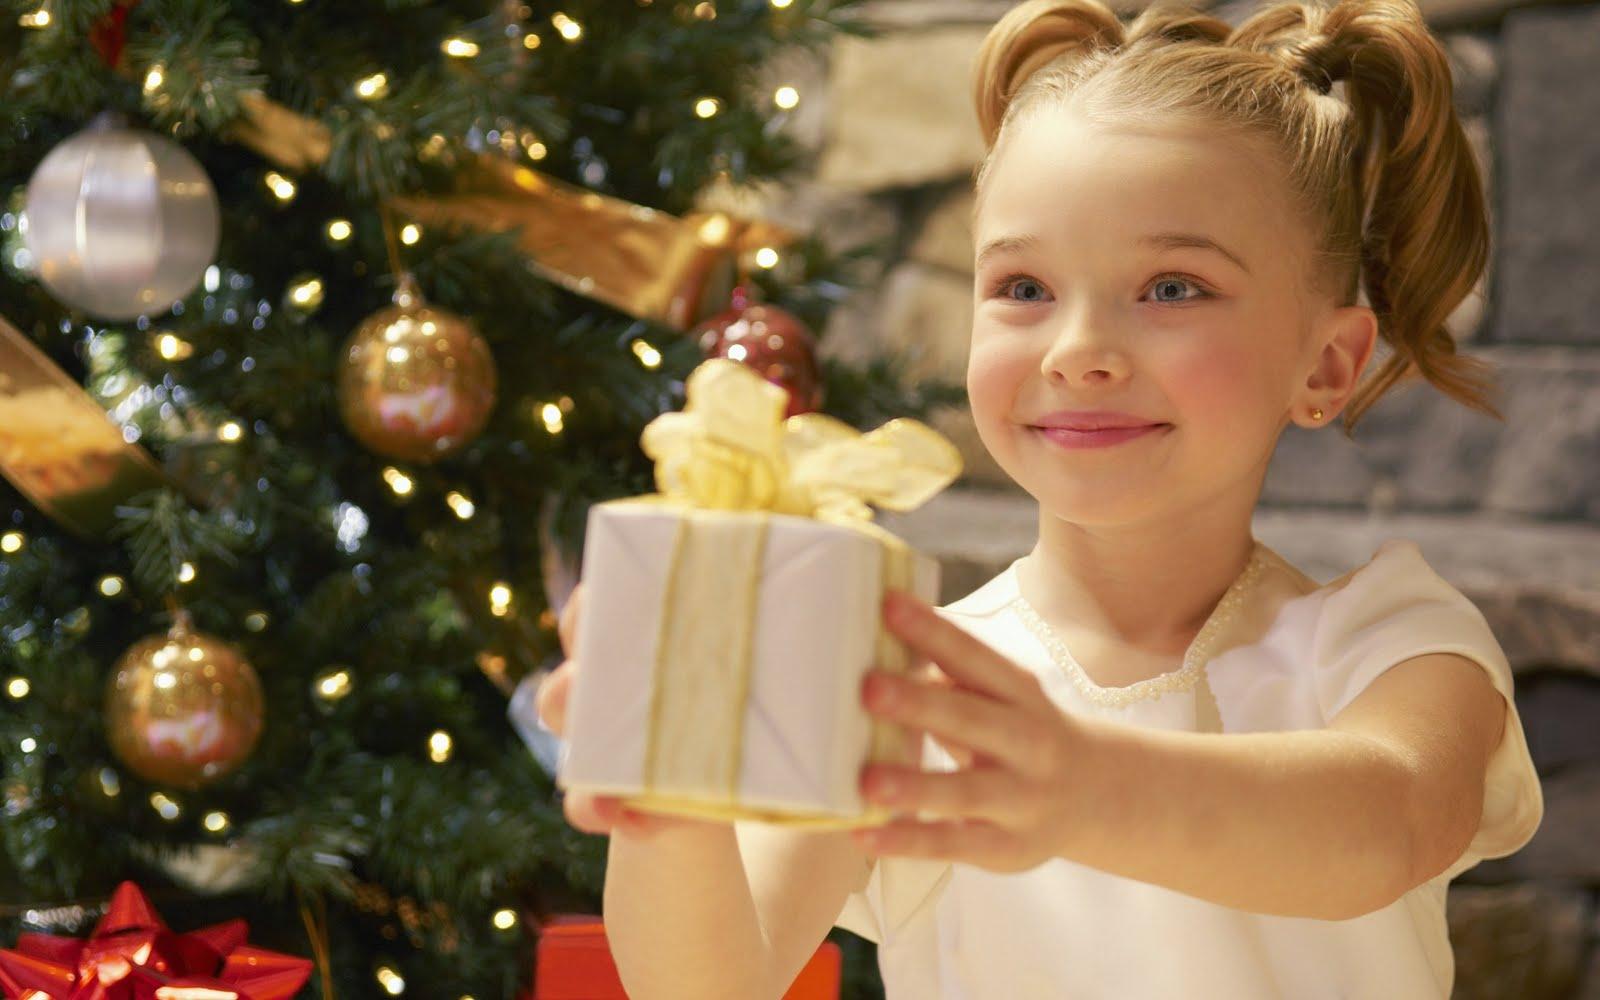 http://4.bp.blogspot.com/-29X0TiTSRJc/TsaFnqARIdI/AAAAAAAABts/s4UNjPLzHzo/s1600/cute-christmas-girl.jpg